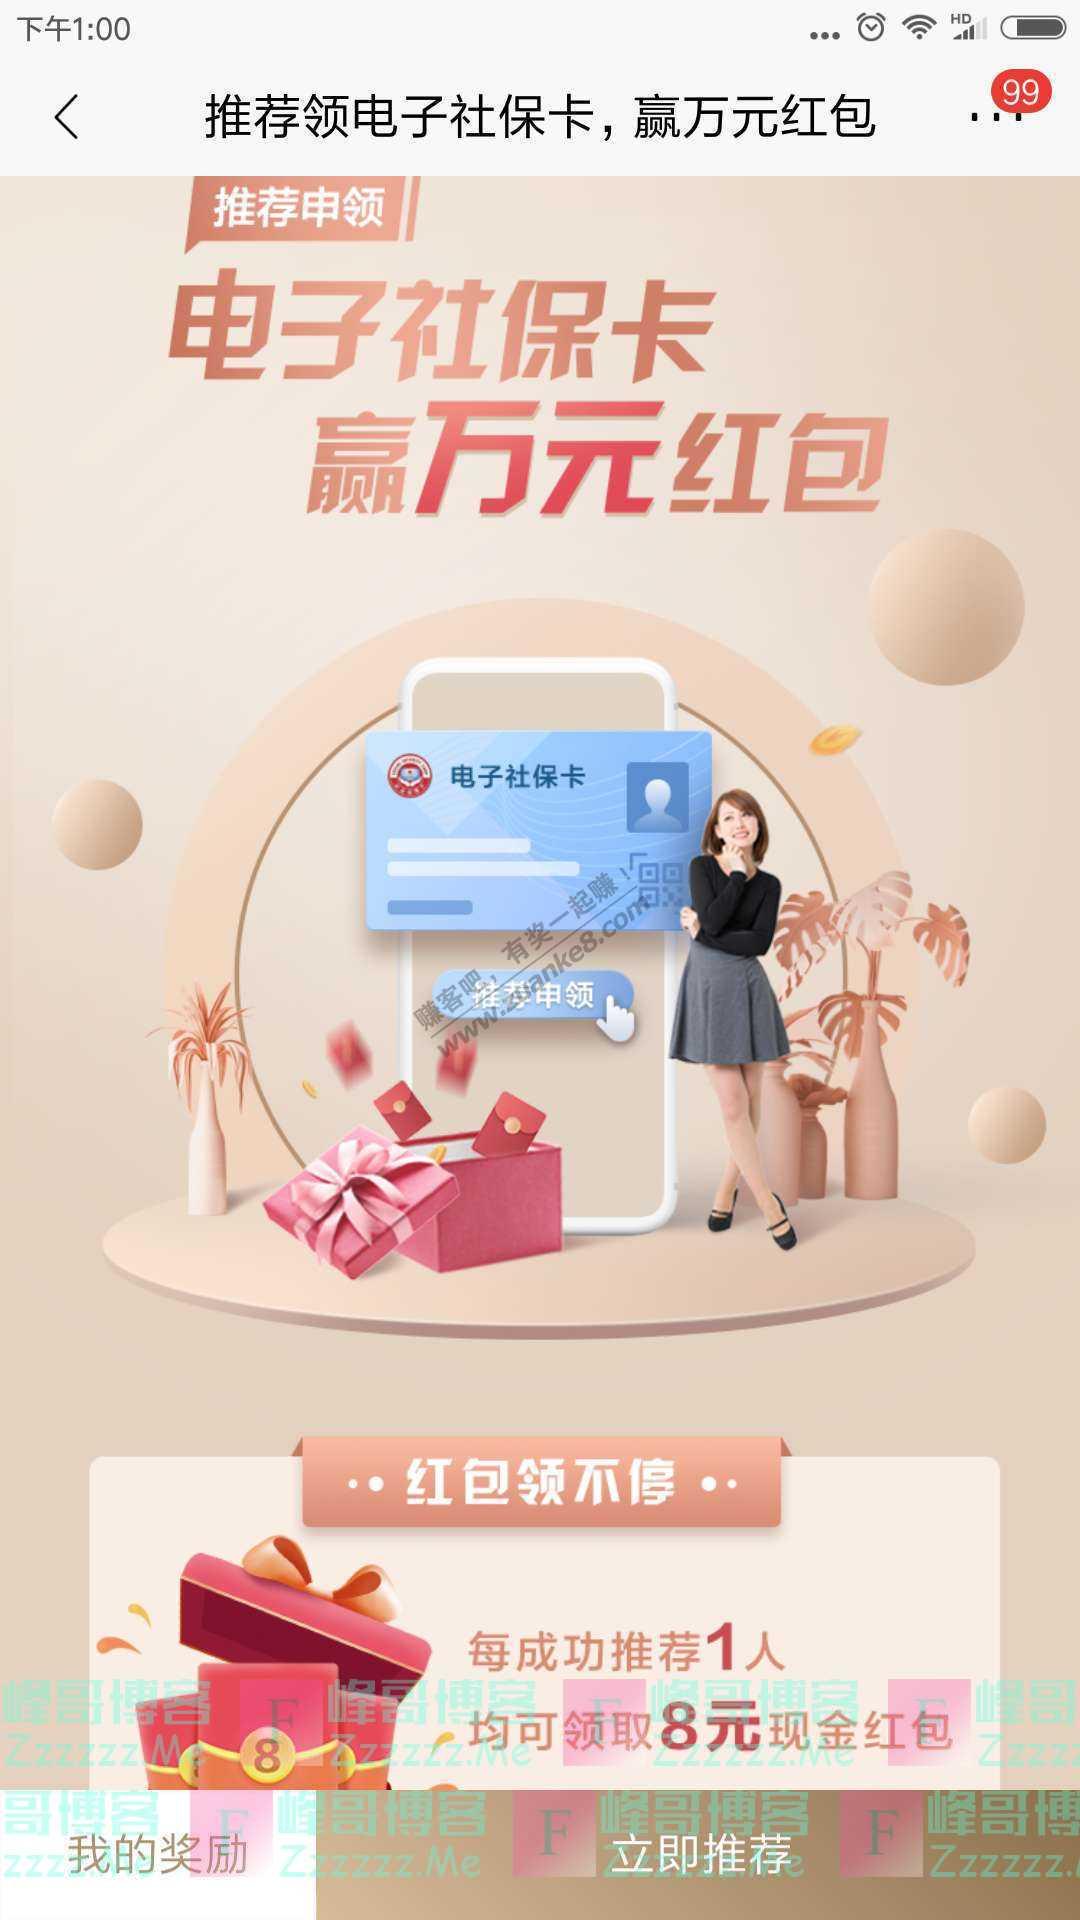 招行推荐领电子社保卡赢万元红包(截止6月10日)